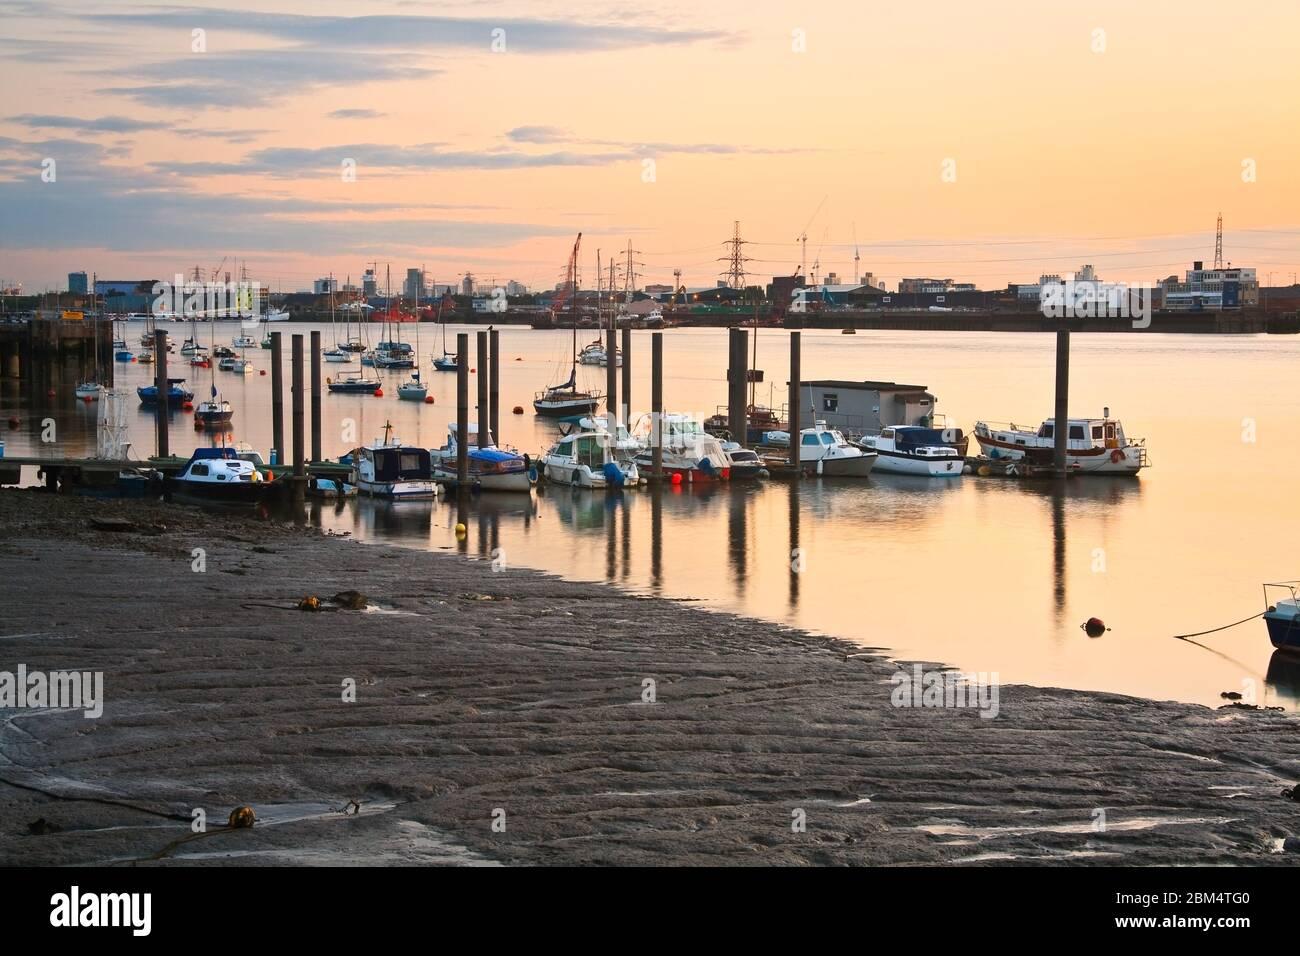 Bateaux sur la Tamise à marée basse. Banque D'Images